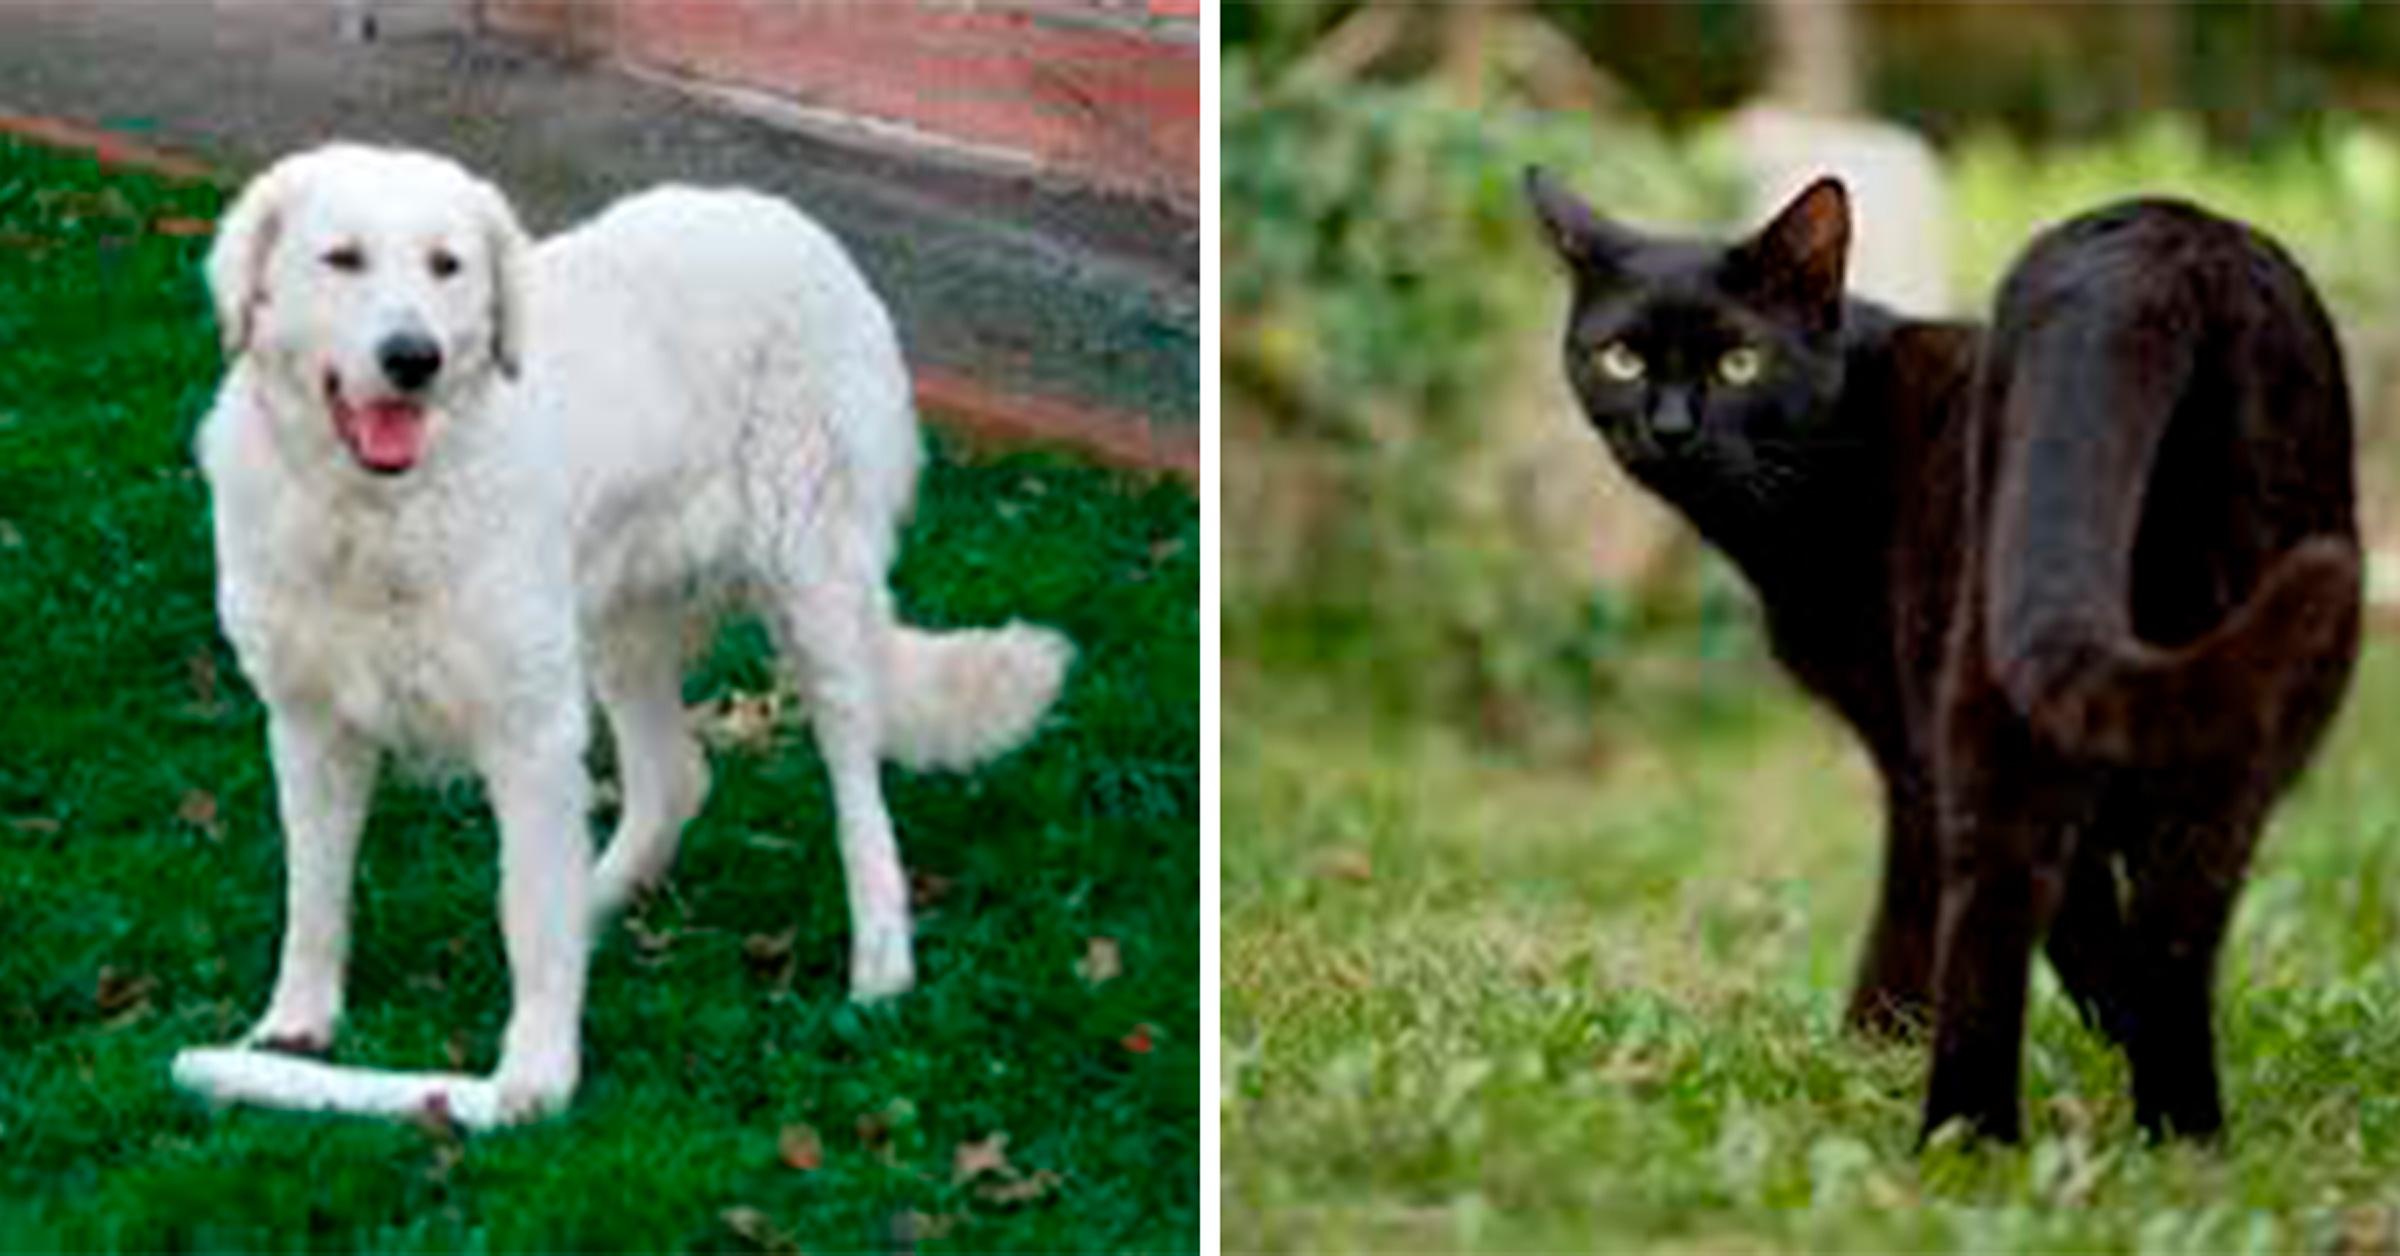 piden-no-dar-en-adopcion-a-perros-y-gatos-en-octubre-por-rituales6